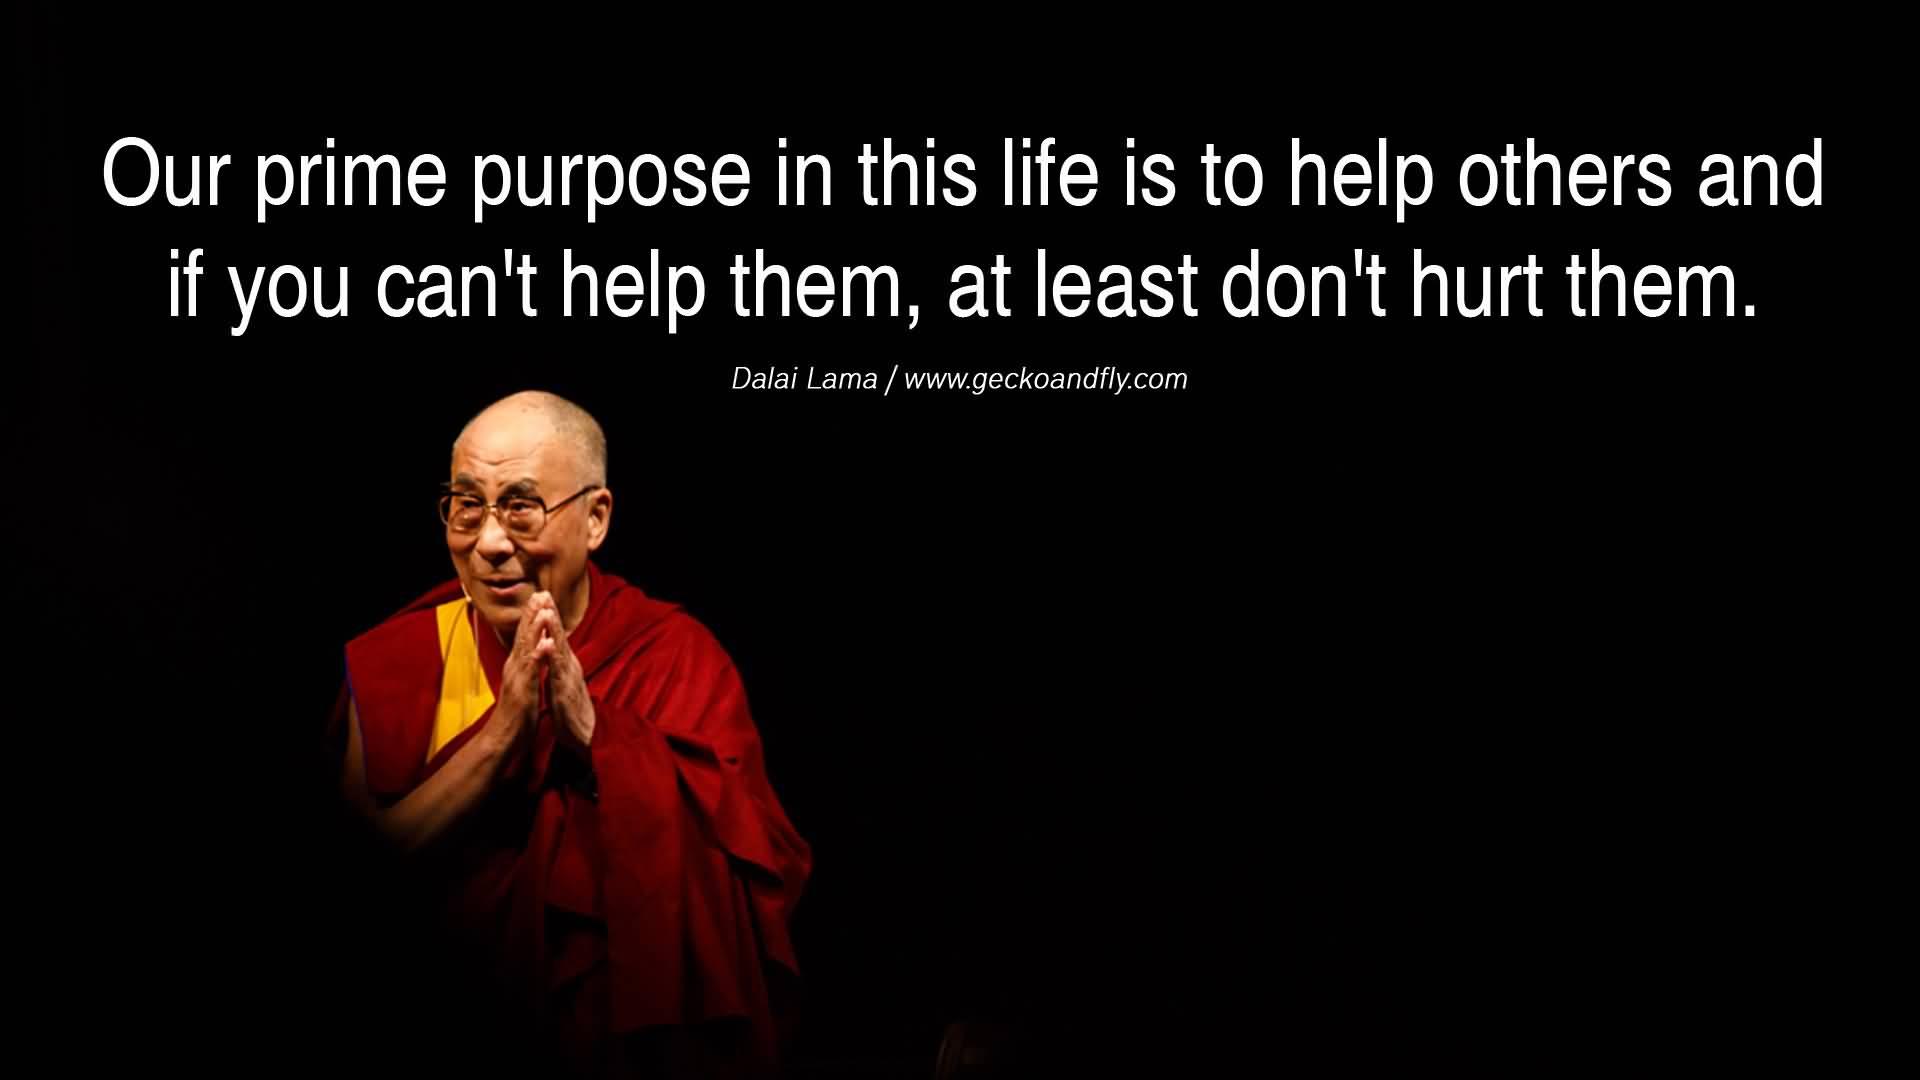 Dalai Lama Quotes On Life 13